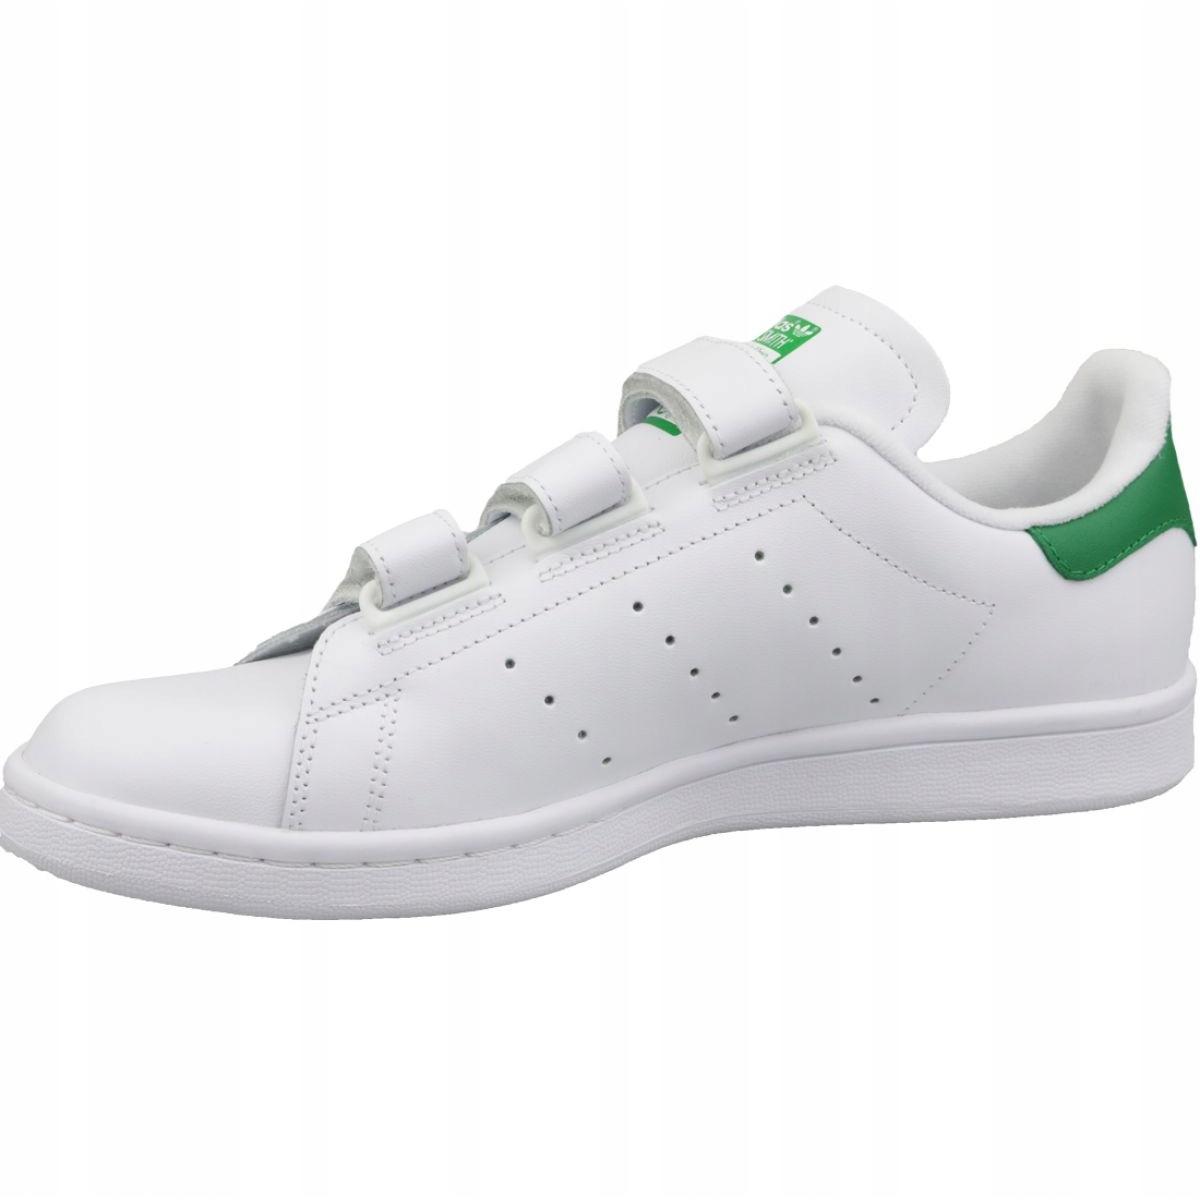 quality design 7d51e 1adf6 White Adidas Stan Smith Cf M S75187 shoes